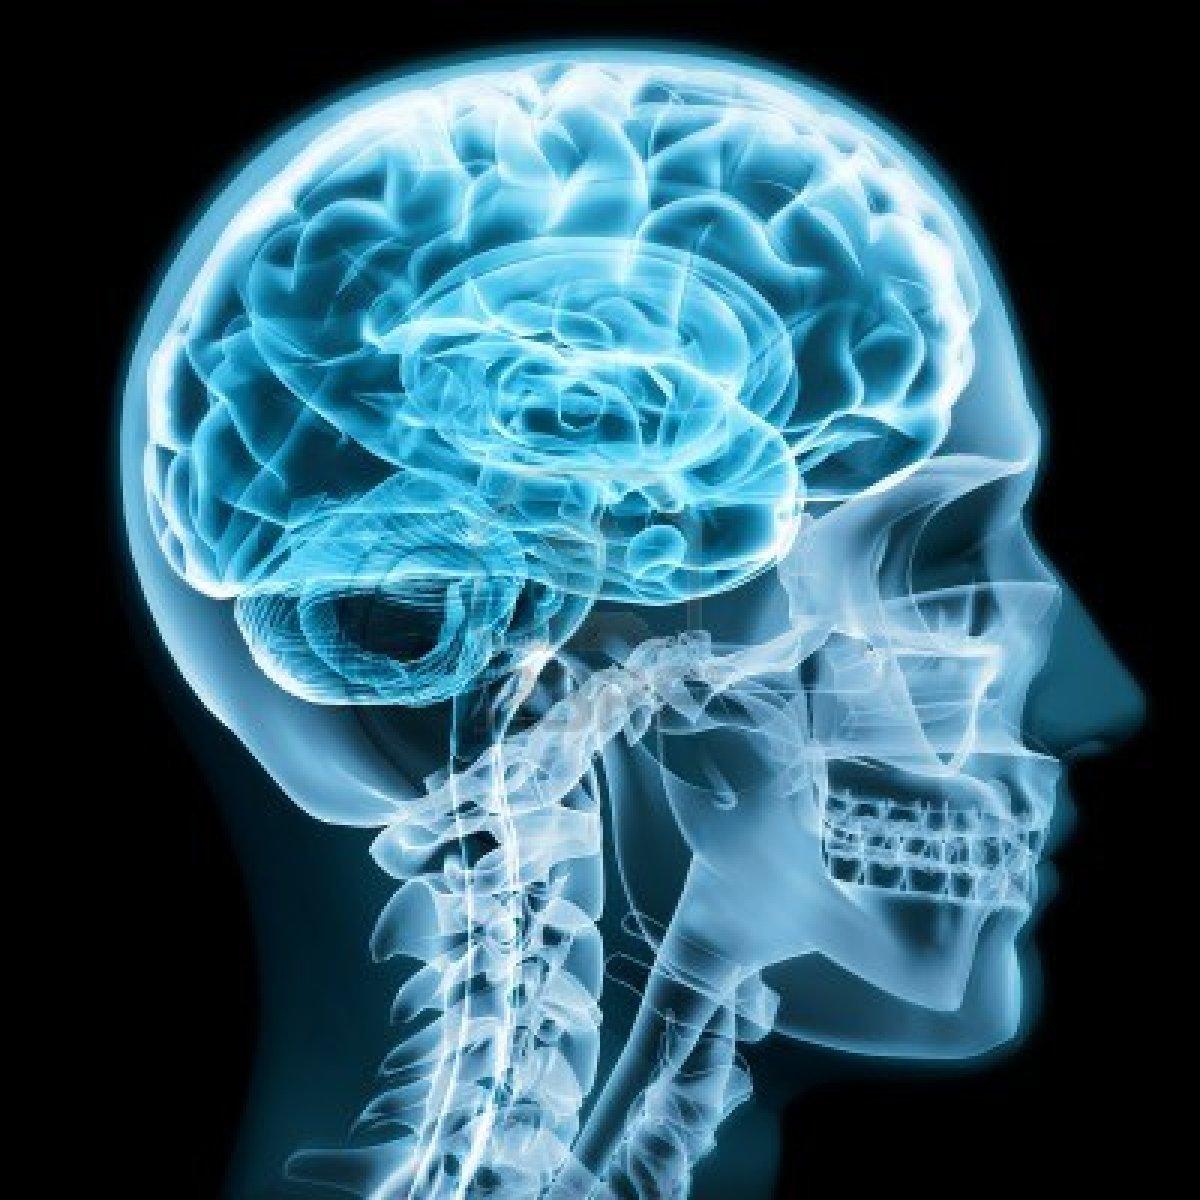 growth of digital radiology